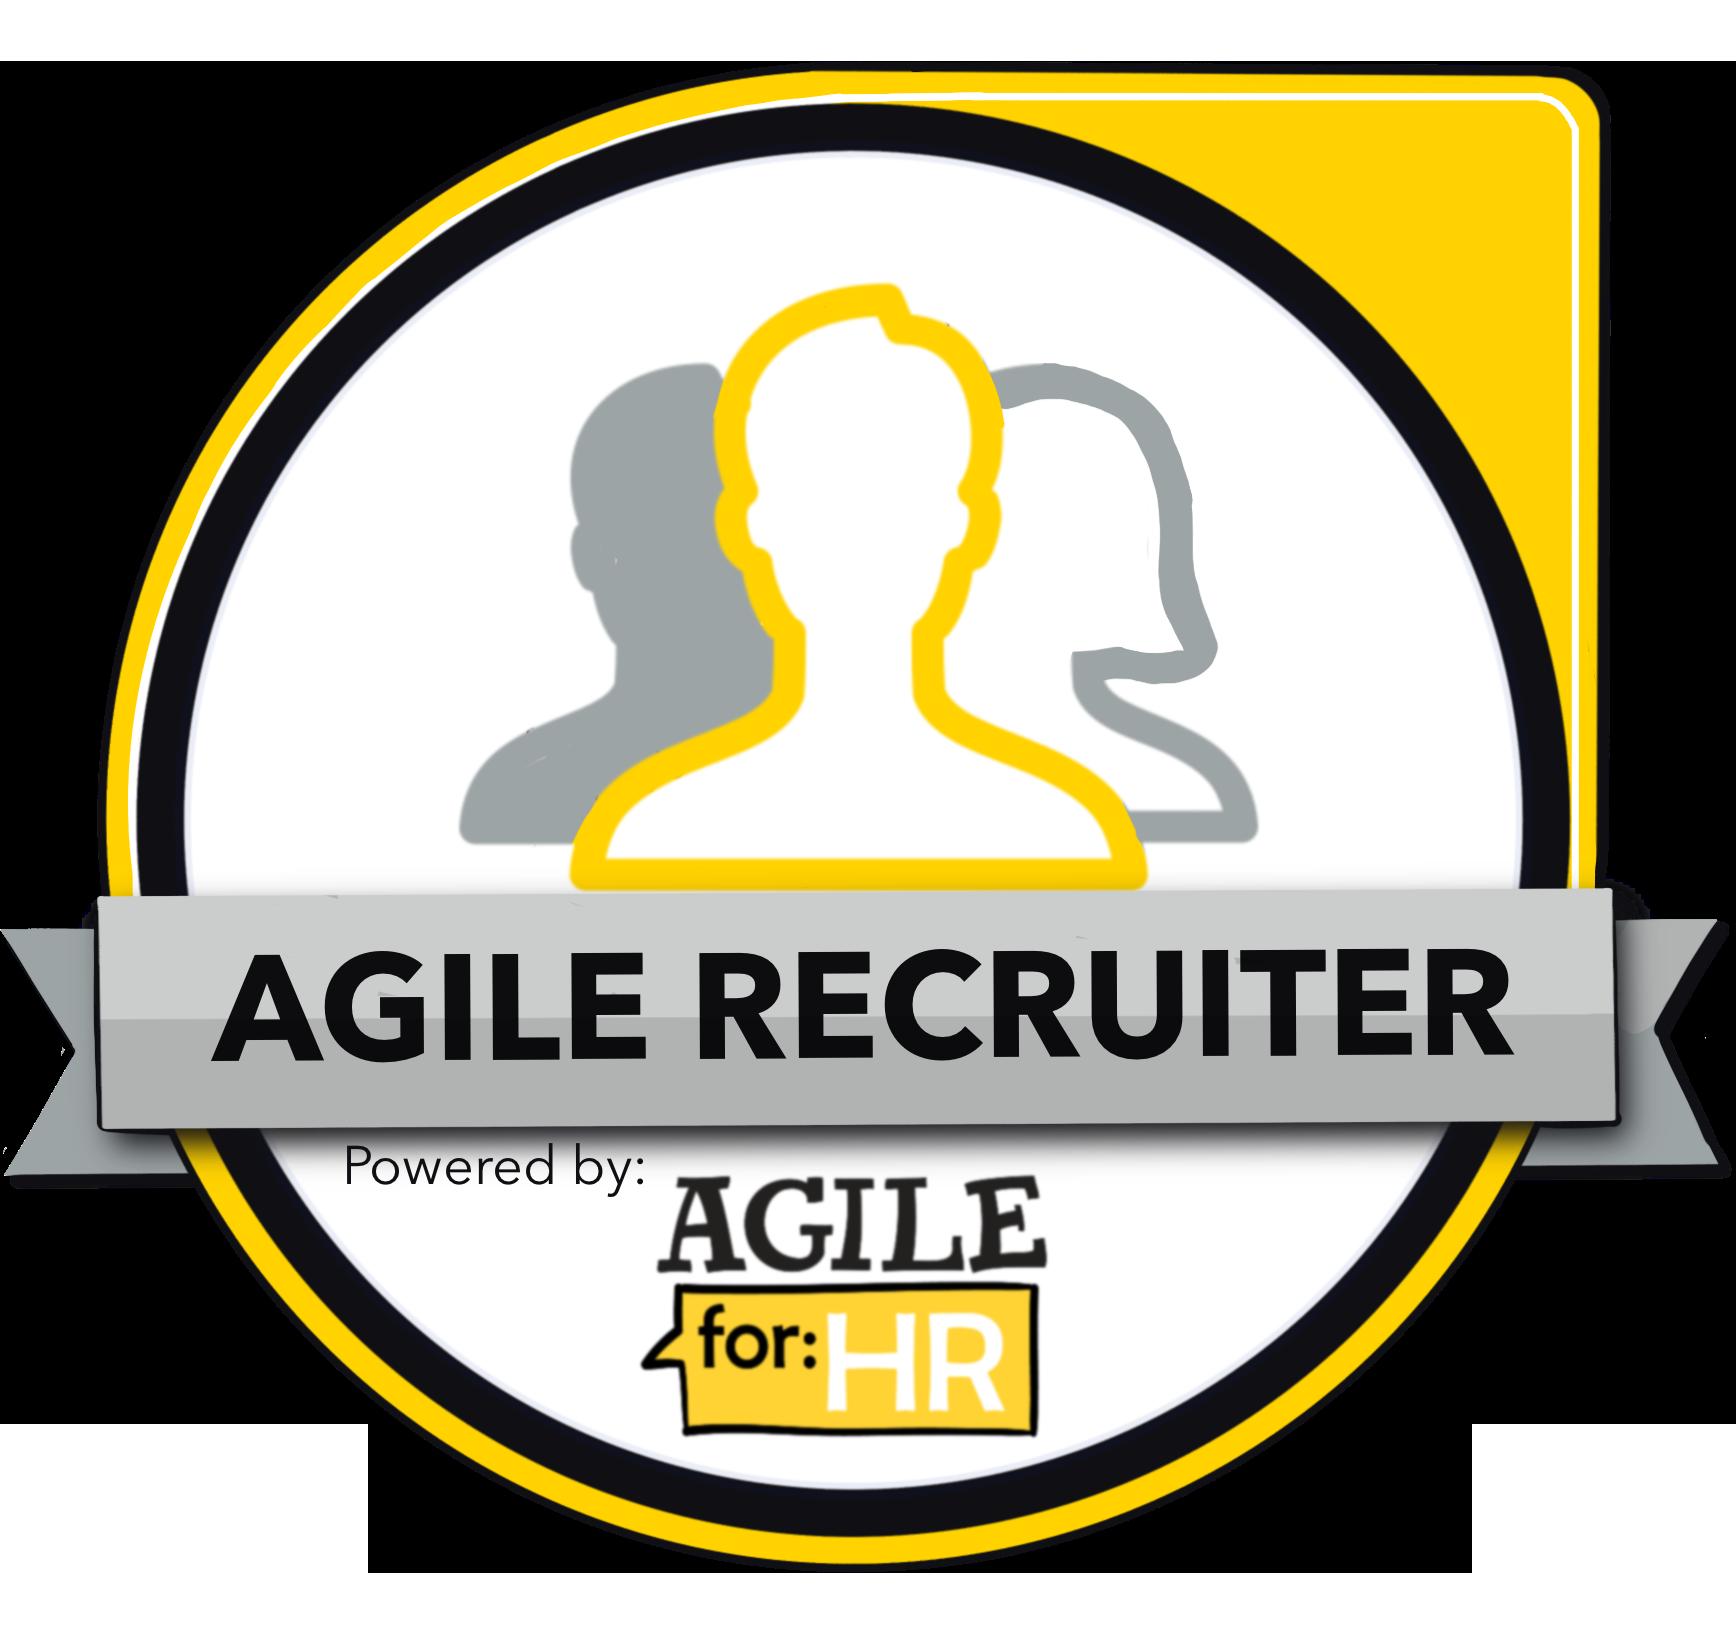 agile-recruiter